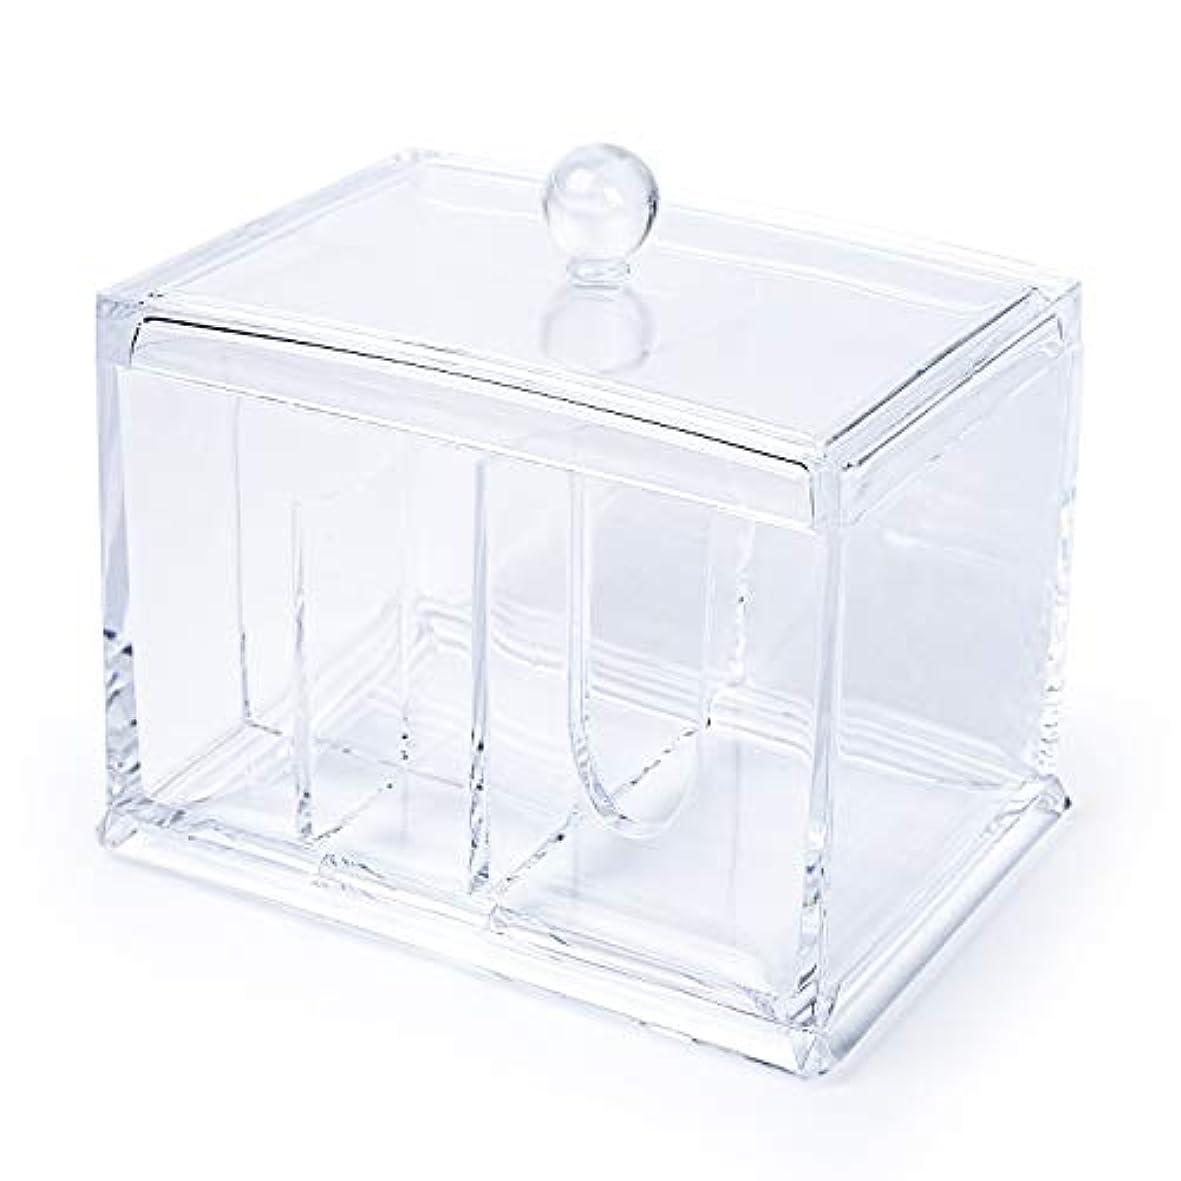 劇場平衡シンプトンELOKI 収納ボックス アクリルケース 収納ボックス 綿棒 小物?コスメ小物用品収納 ジュエリーボックス アクセサリー 透明 防塵?蓋付き アクリル製